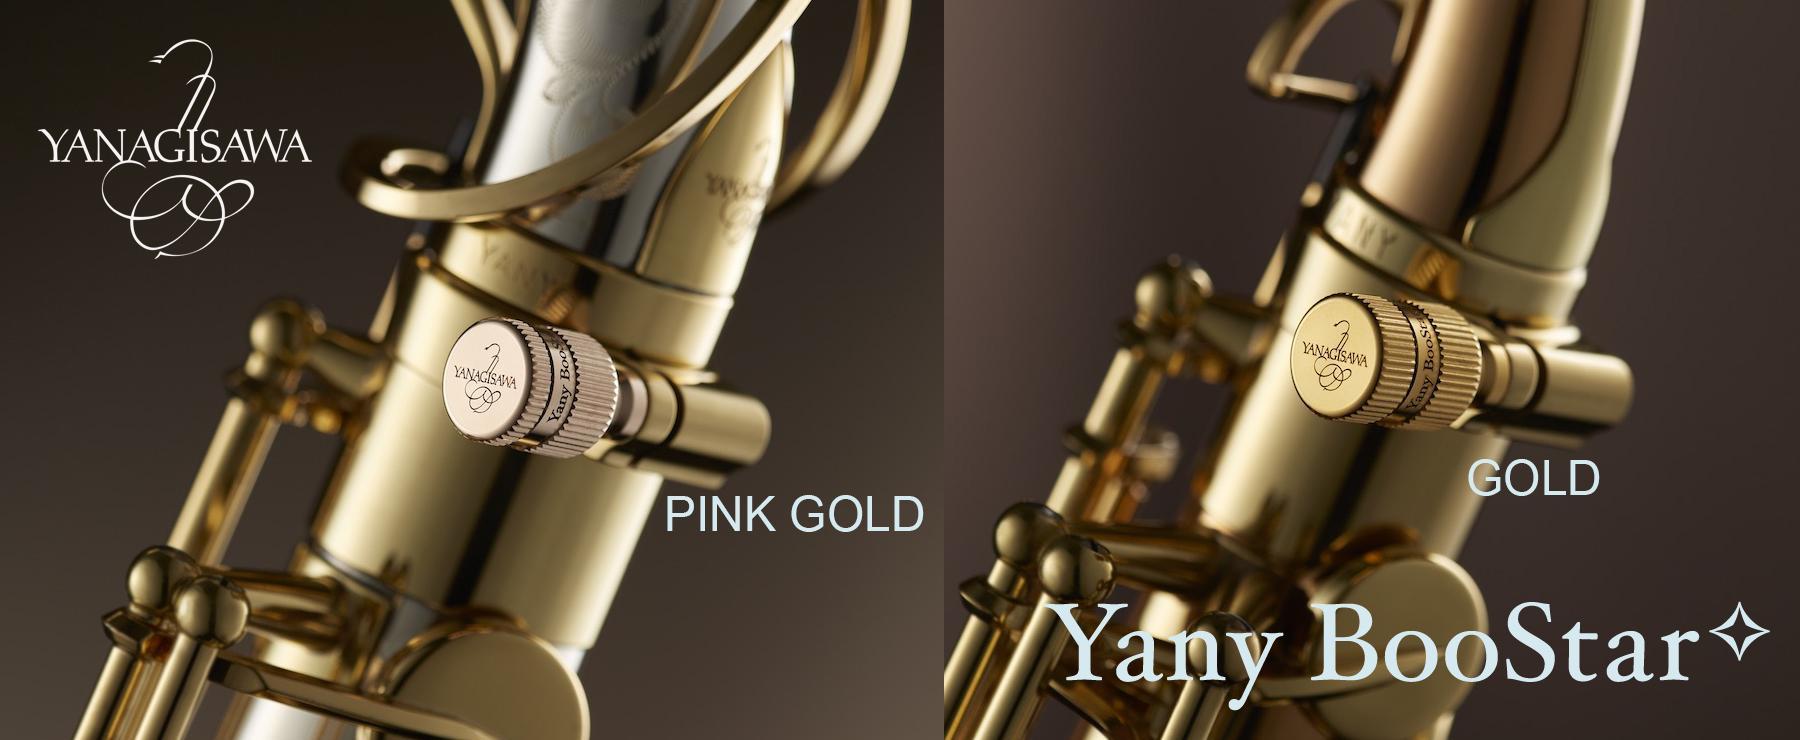 YANAGISAWA BOOSTAR GOLD